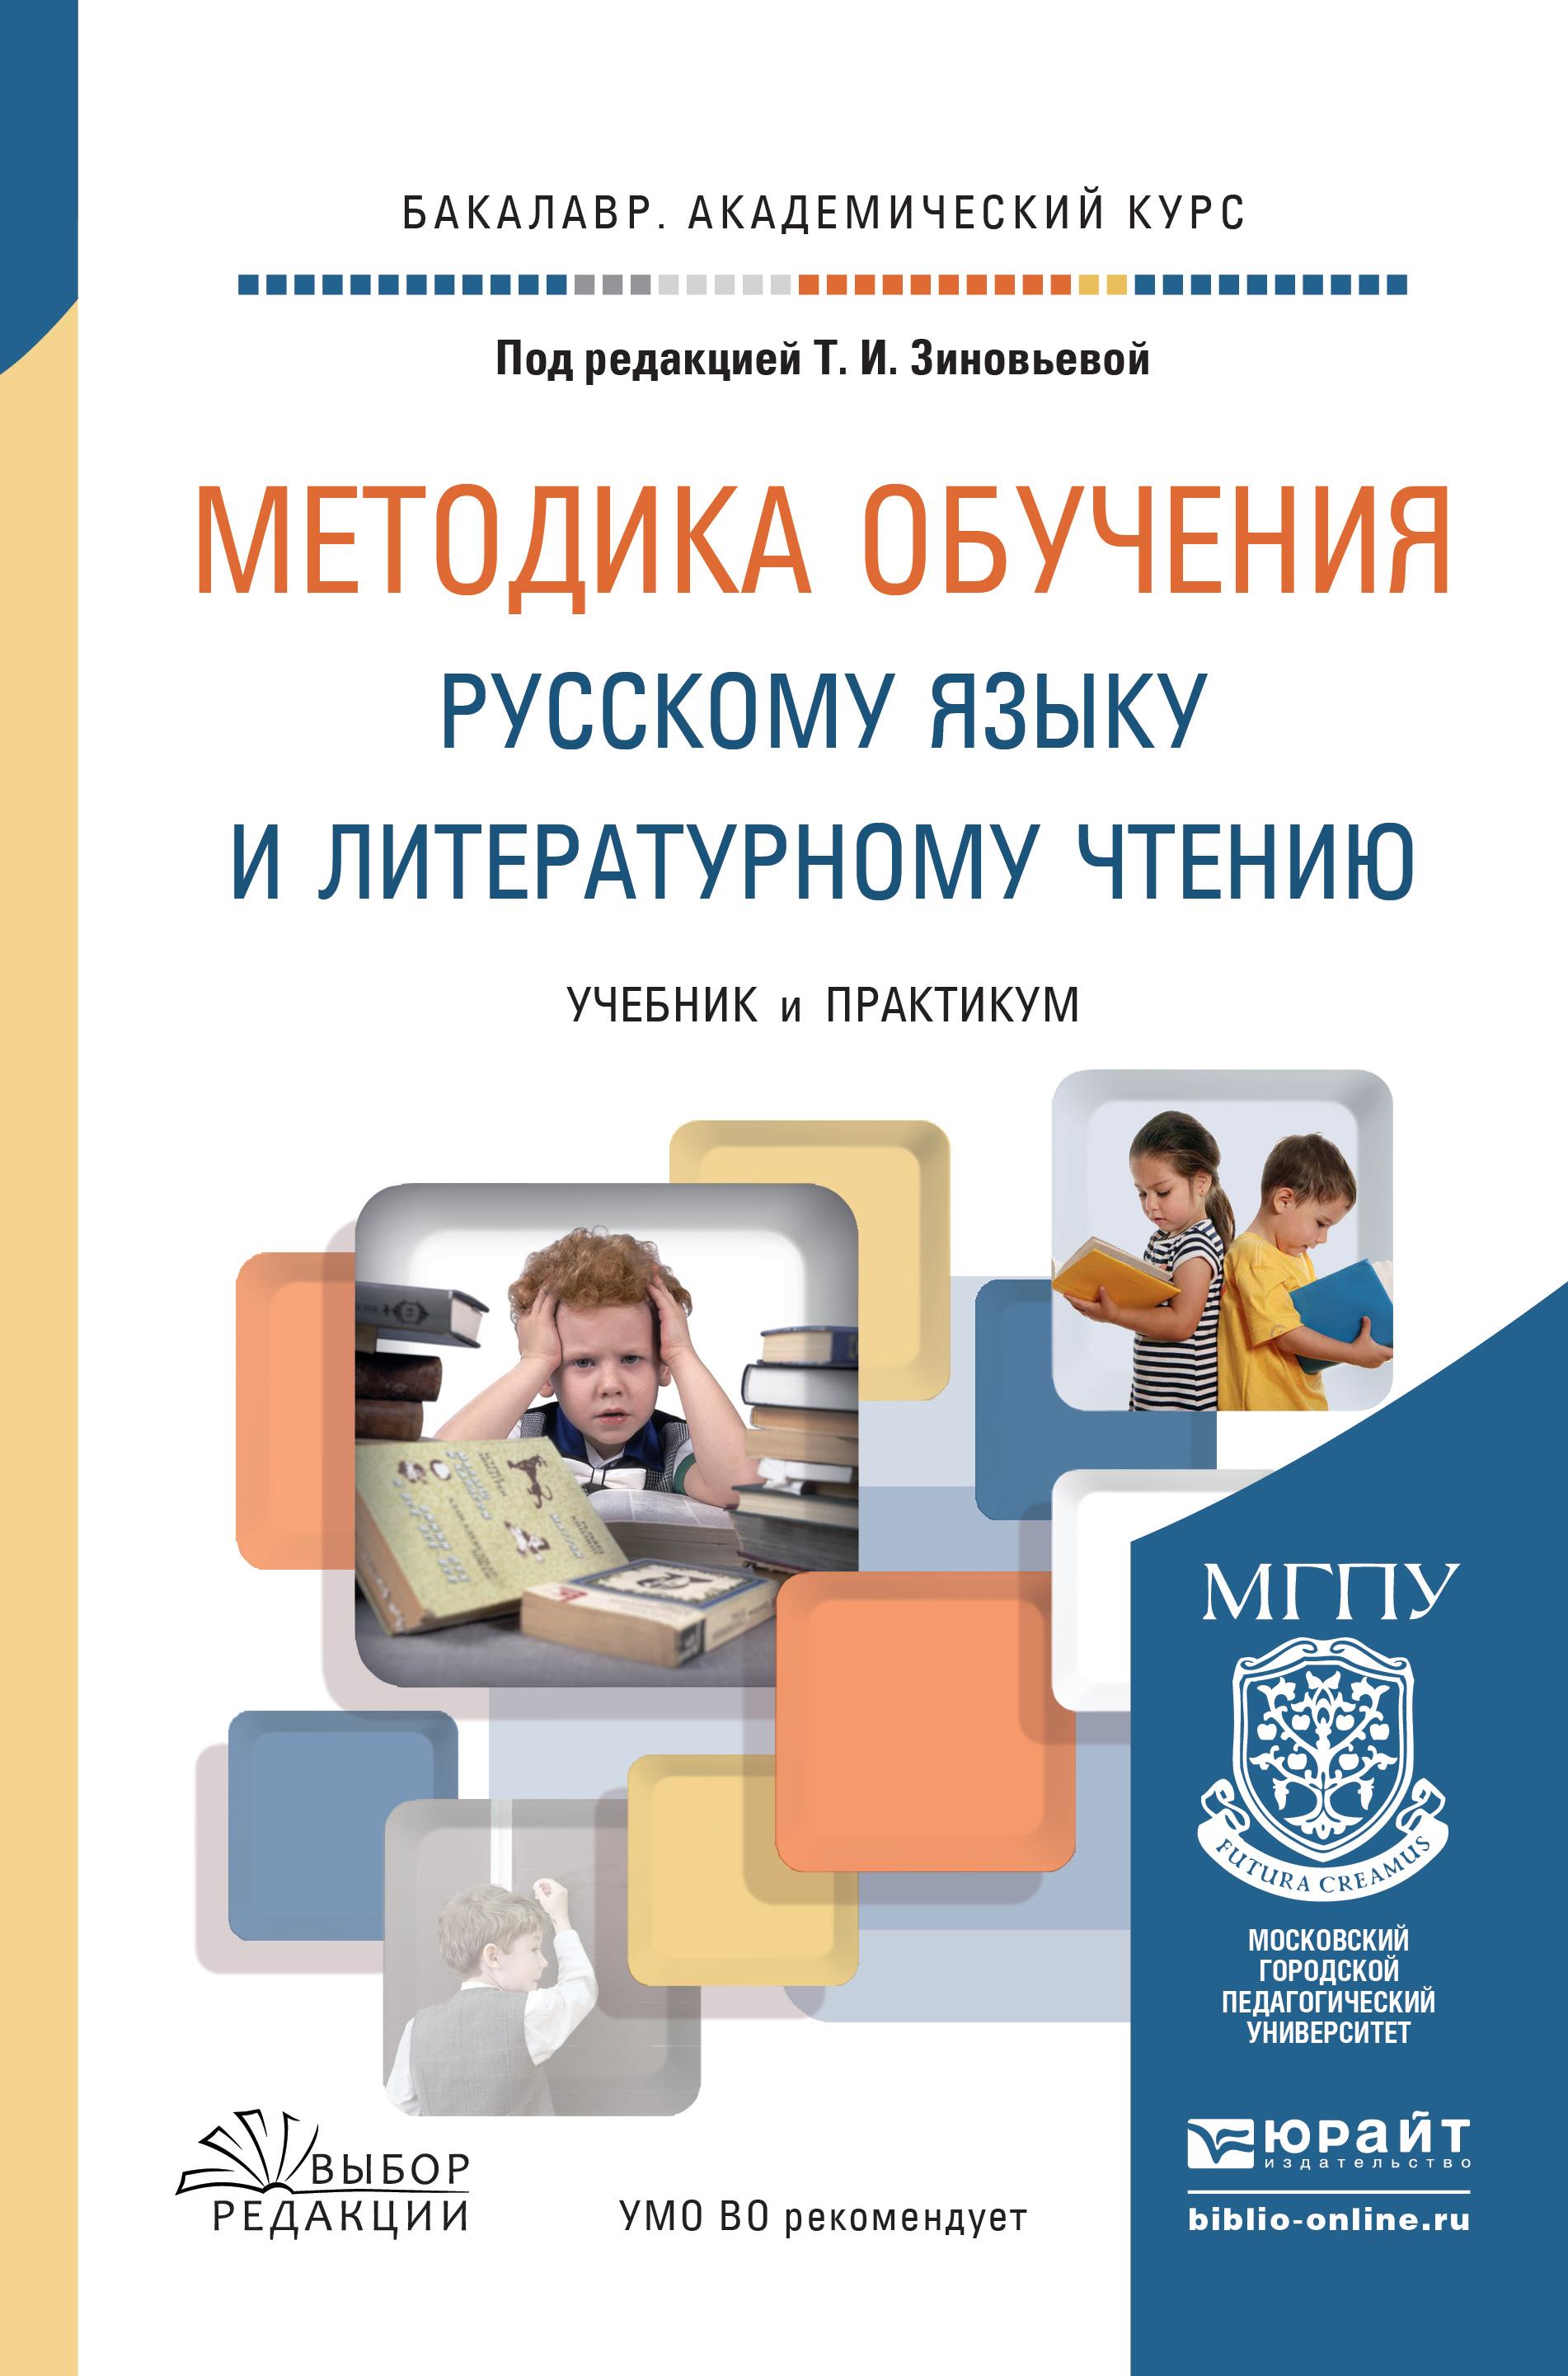 Методика обучения русскому языку и литературному чтению. Учебник и практикум для академического бакалавриата